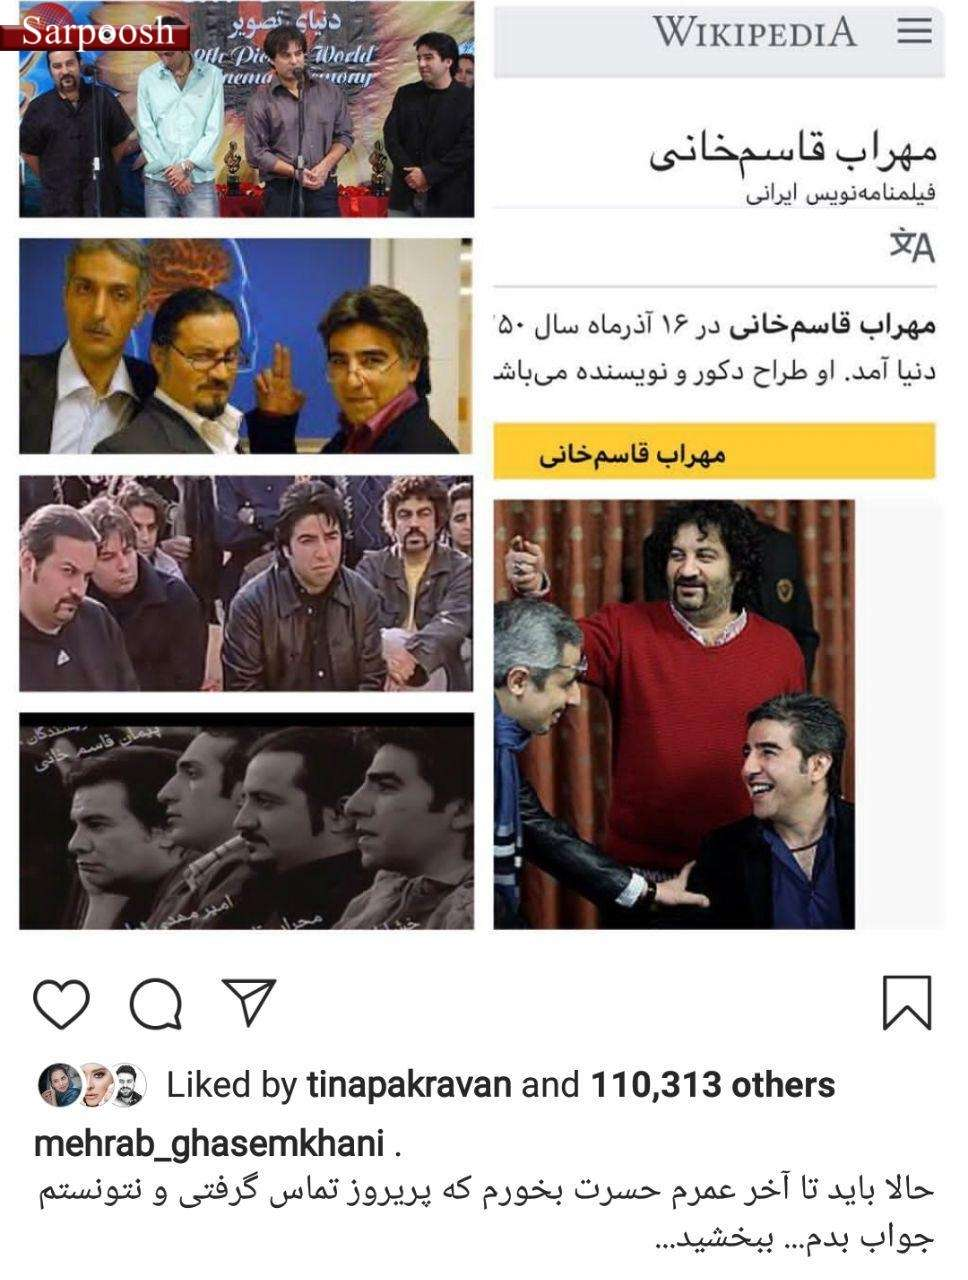 واکنش ها به درگذشت خشایار الوند,اخبار هنرمندان,خبرهای هنرمندان,بازیگران سینما و تلویزیون